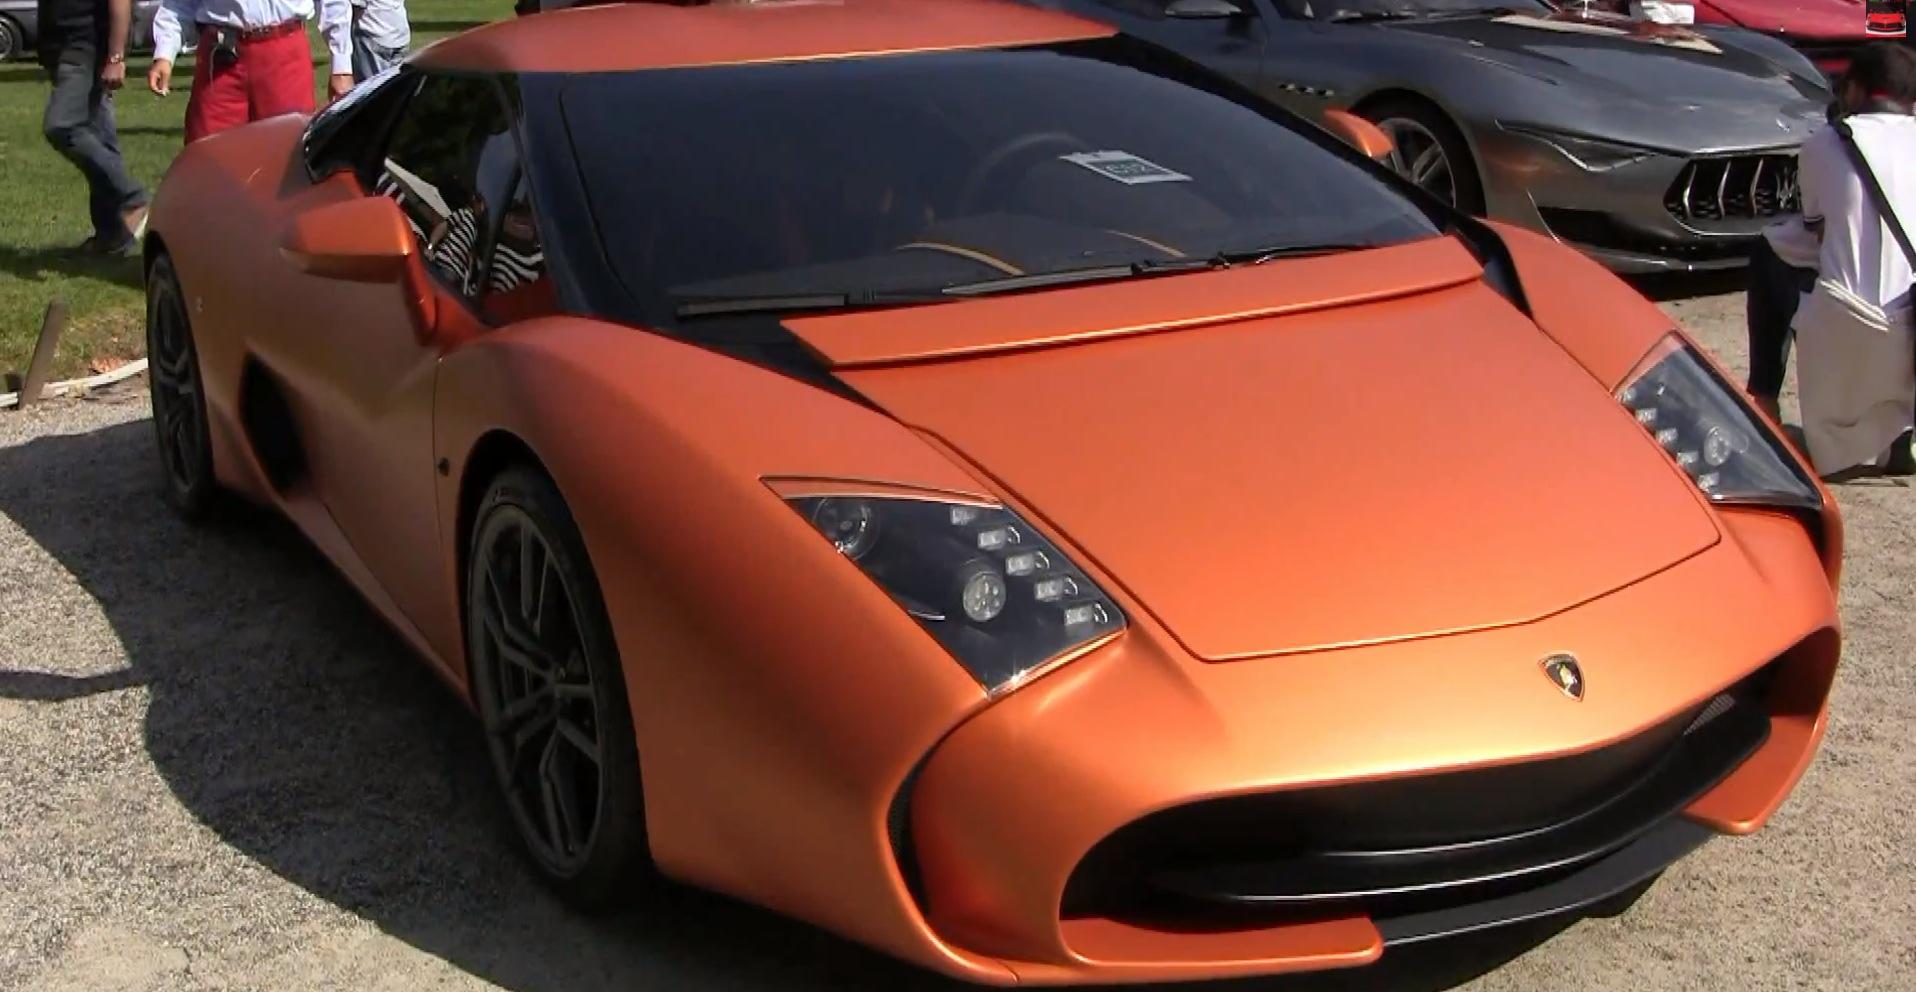 Lamborghini 5-95 Zagato One-Off Unveiled at Villa d'Este - autoevolution